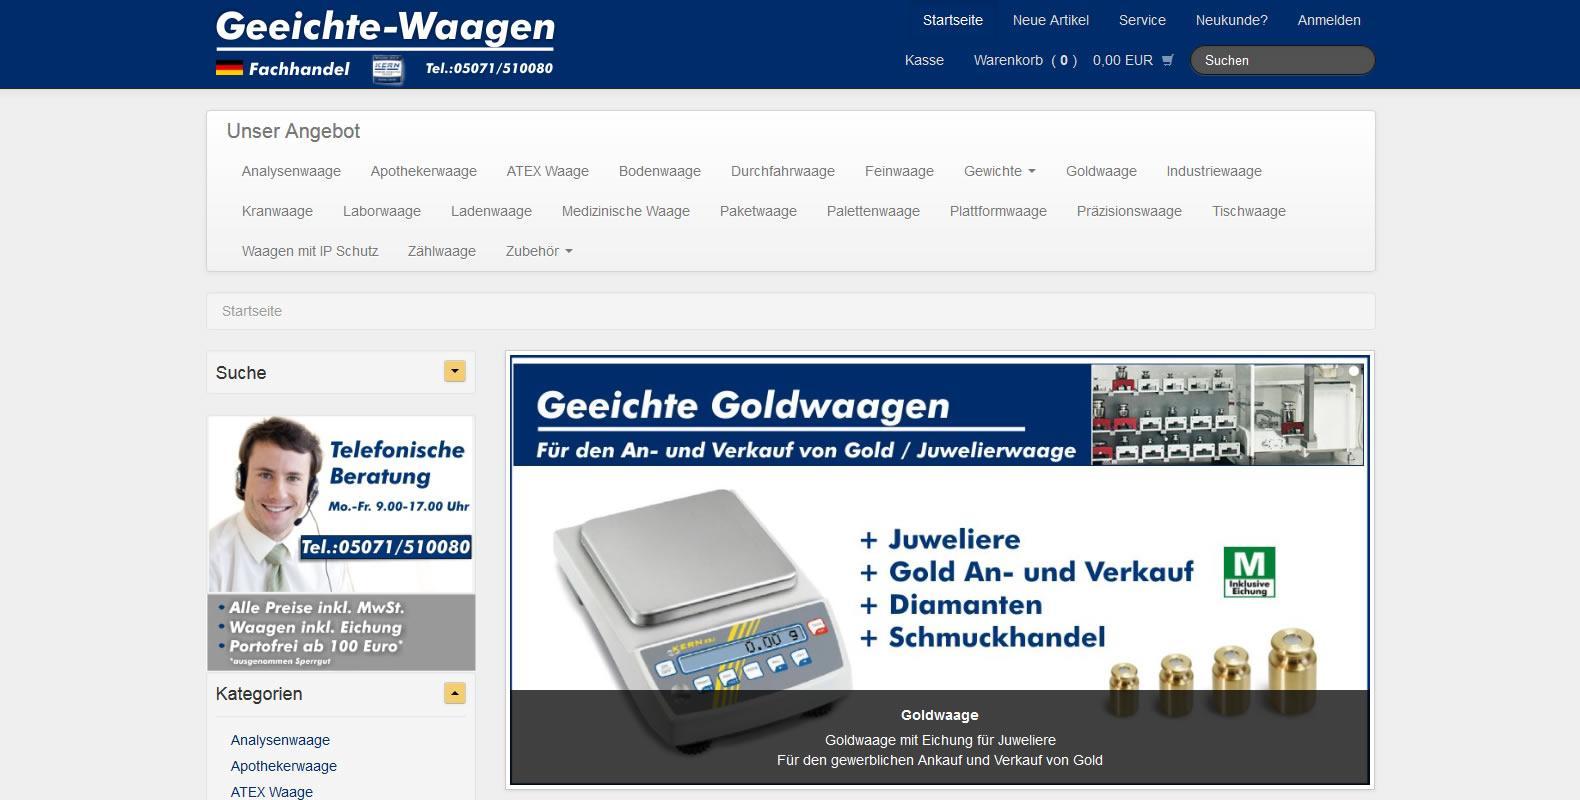 Der Onlineshop Geeichte-Waagen.de startet mit umfangreichem Angebot